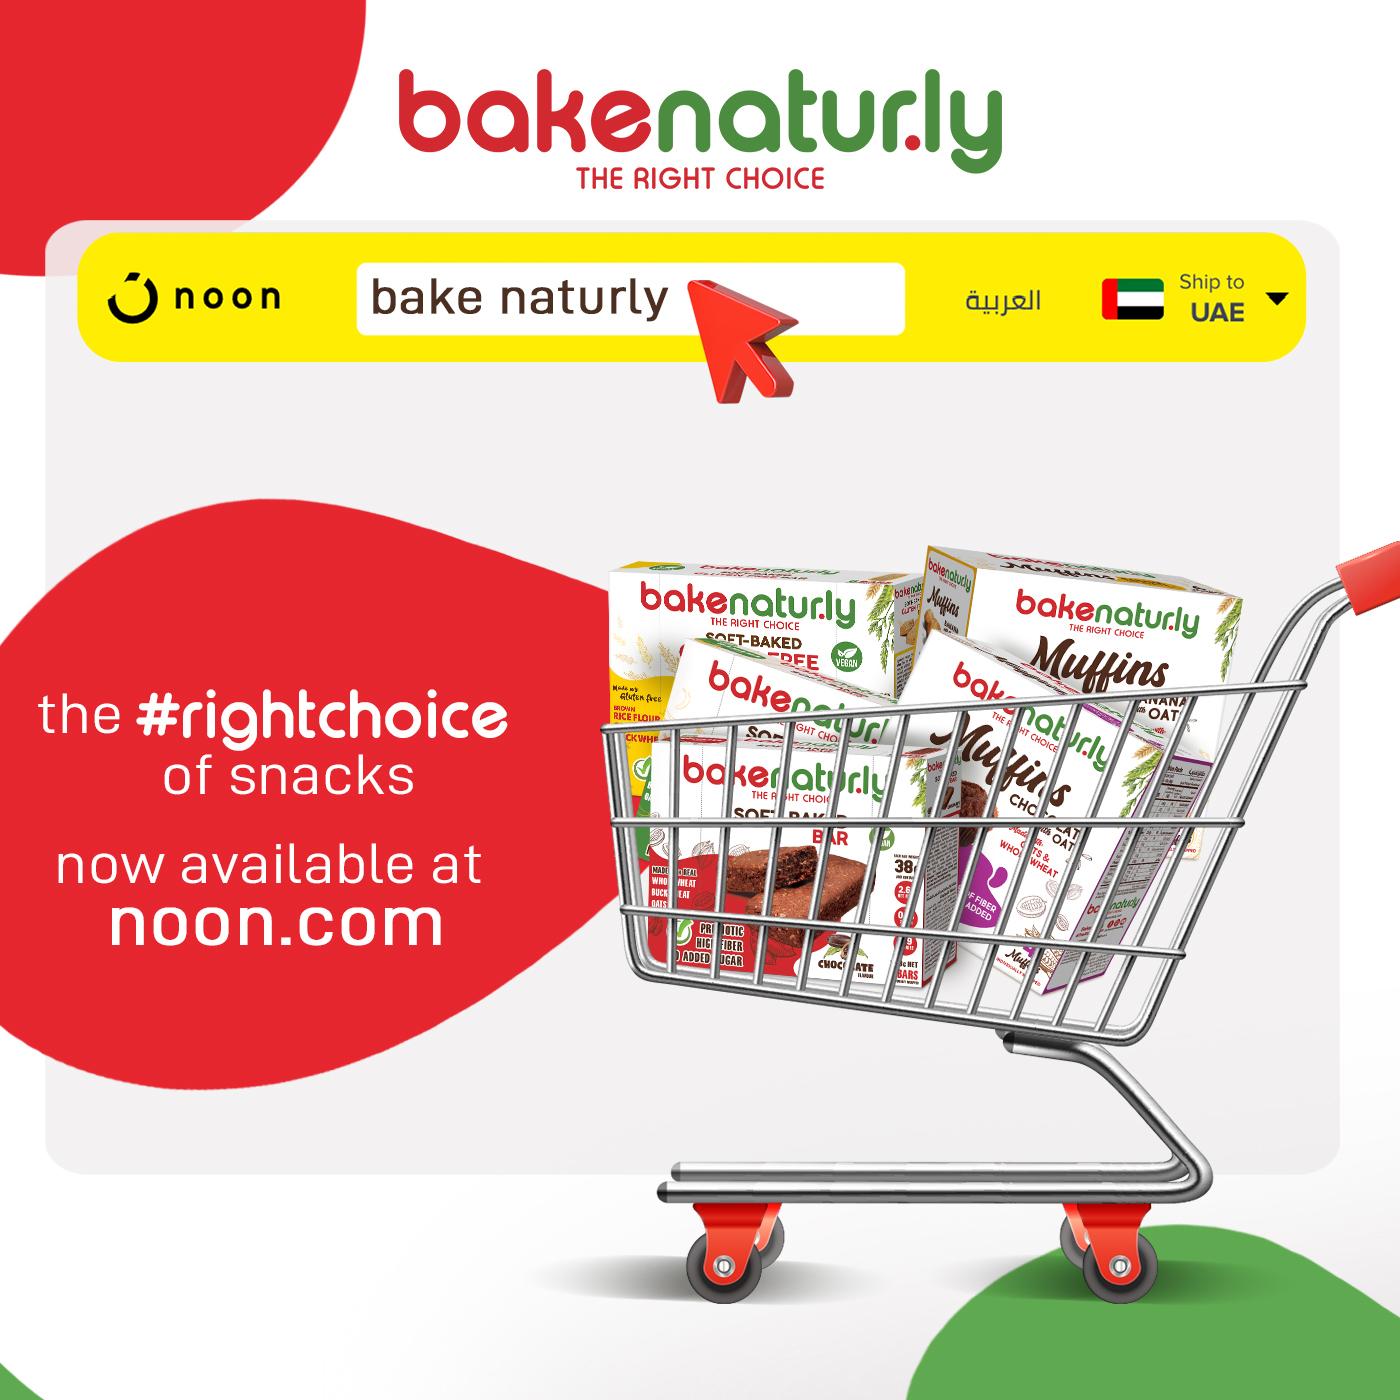 BAKE NATURLY - DOFREEZE - NOON.COM